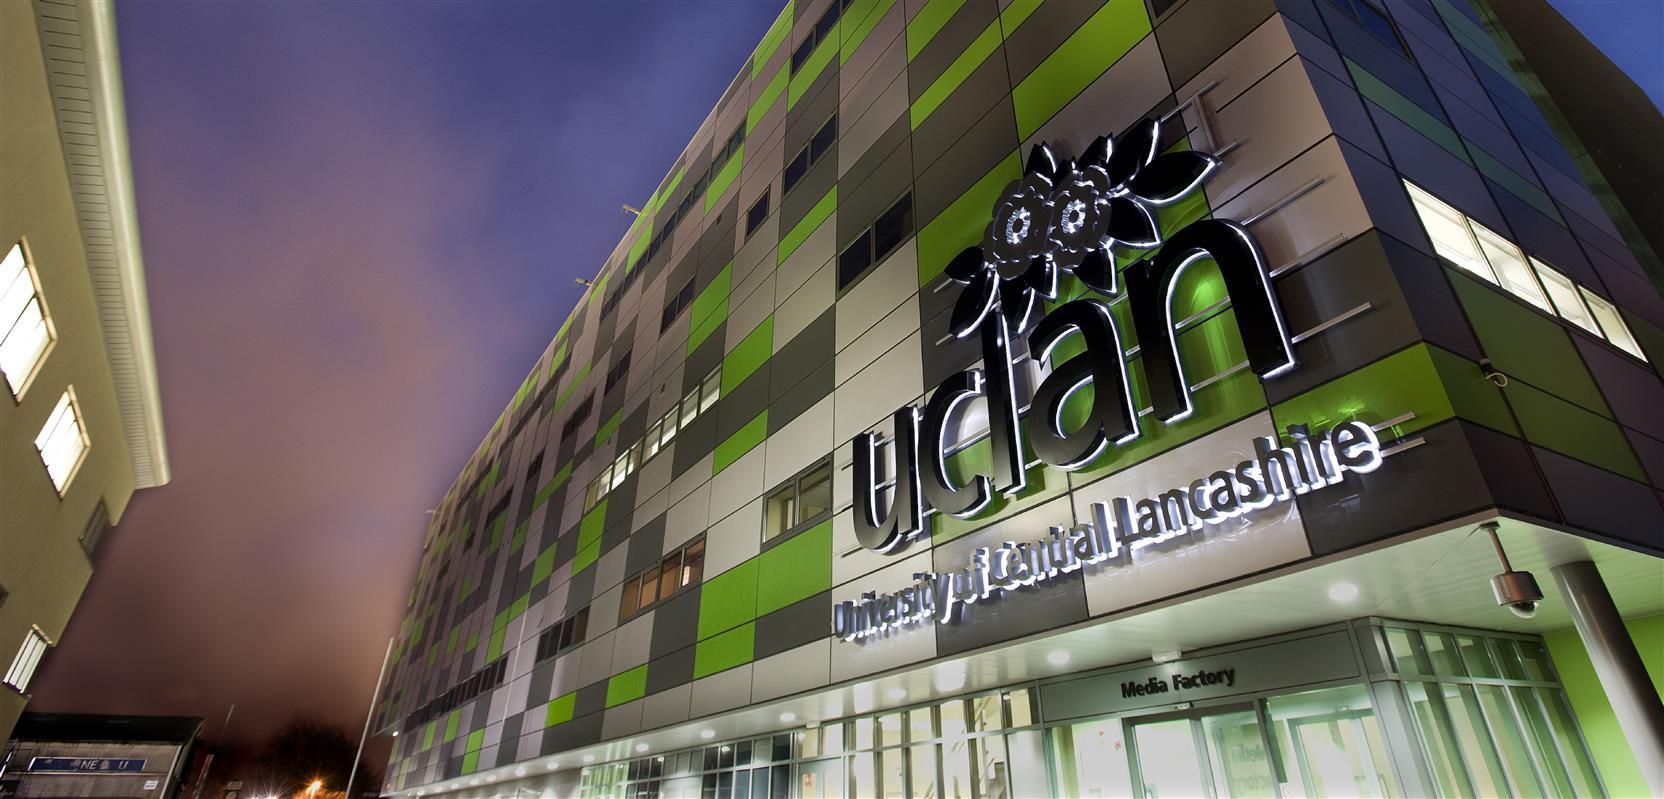 پسورد دانشگاه - دانشگاه University of Central Lancashire  انگلستان